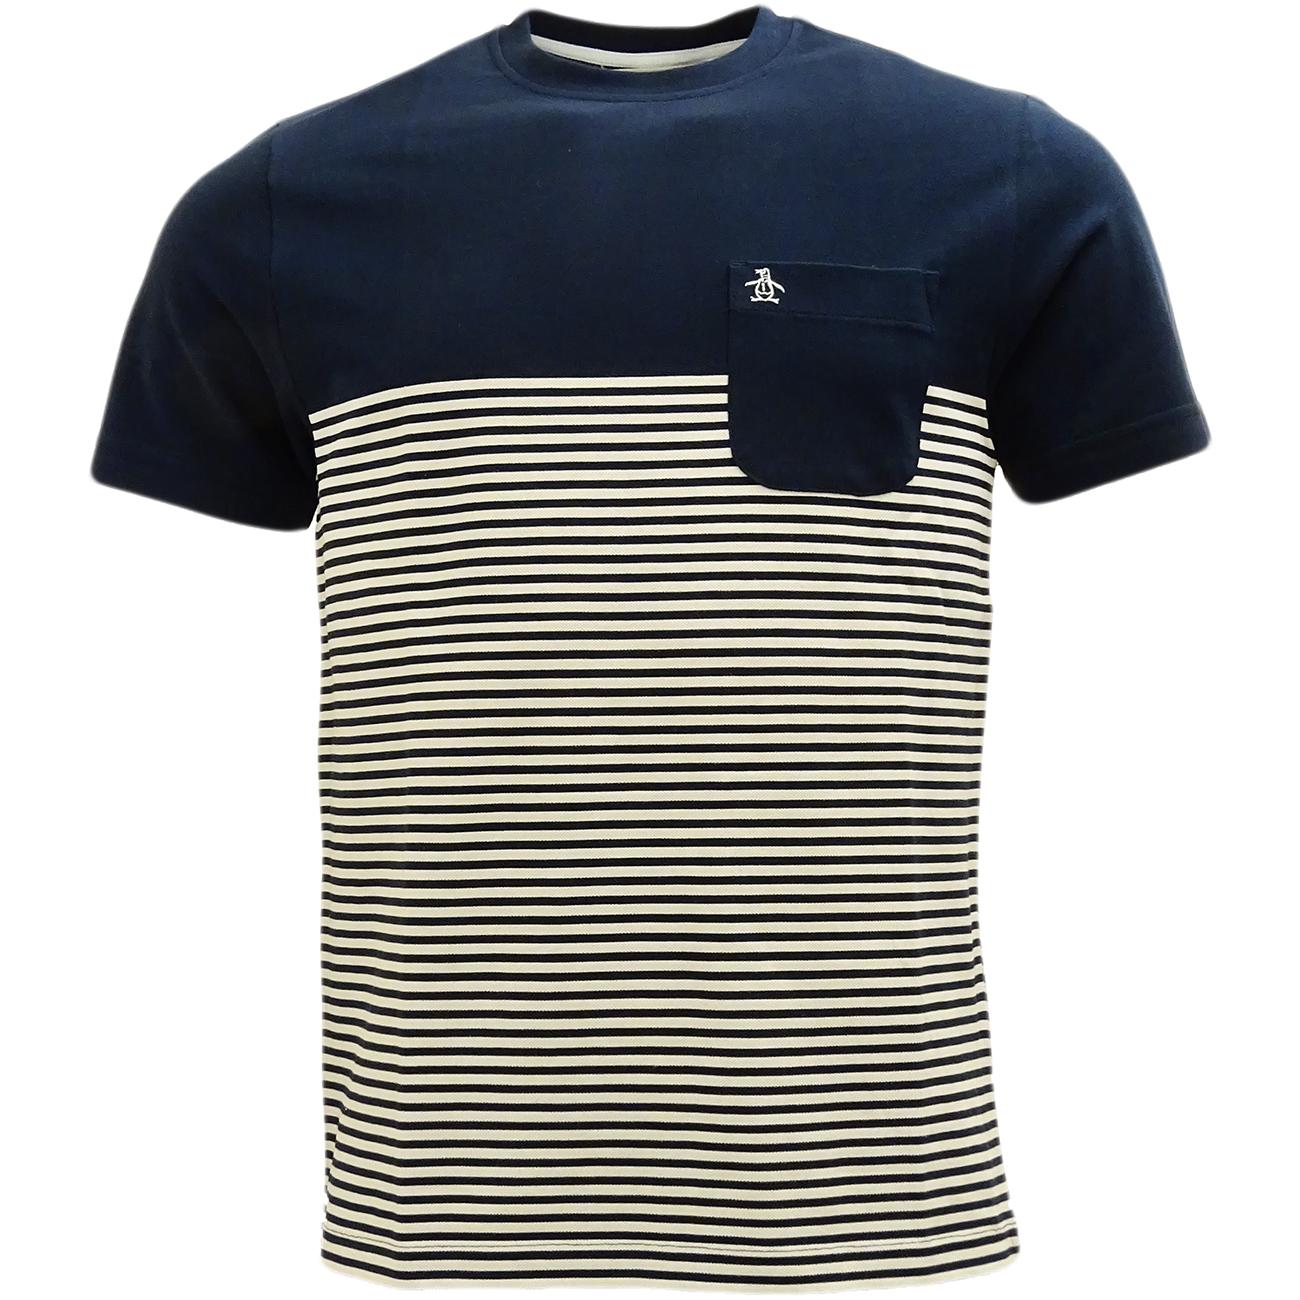 26a018f42ca4 Achat penguin t shirt - 62% OFF! - www.joyet-traiteur.com